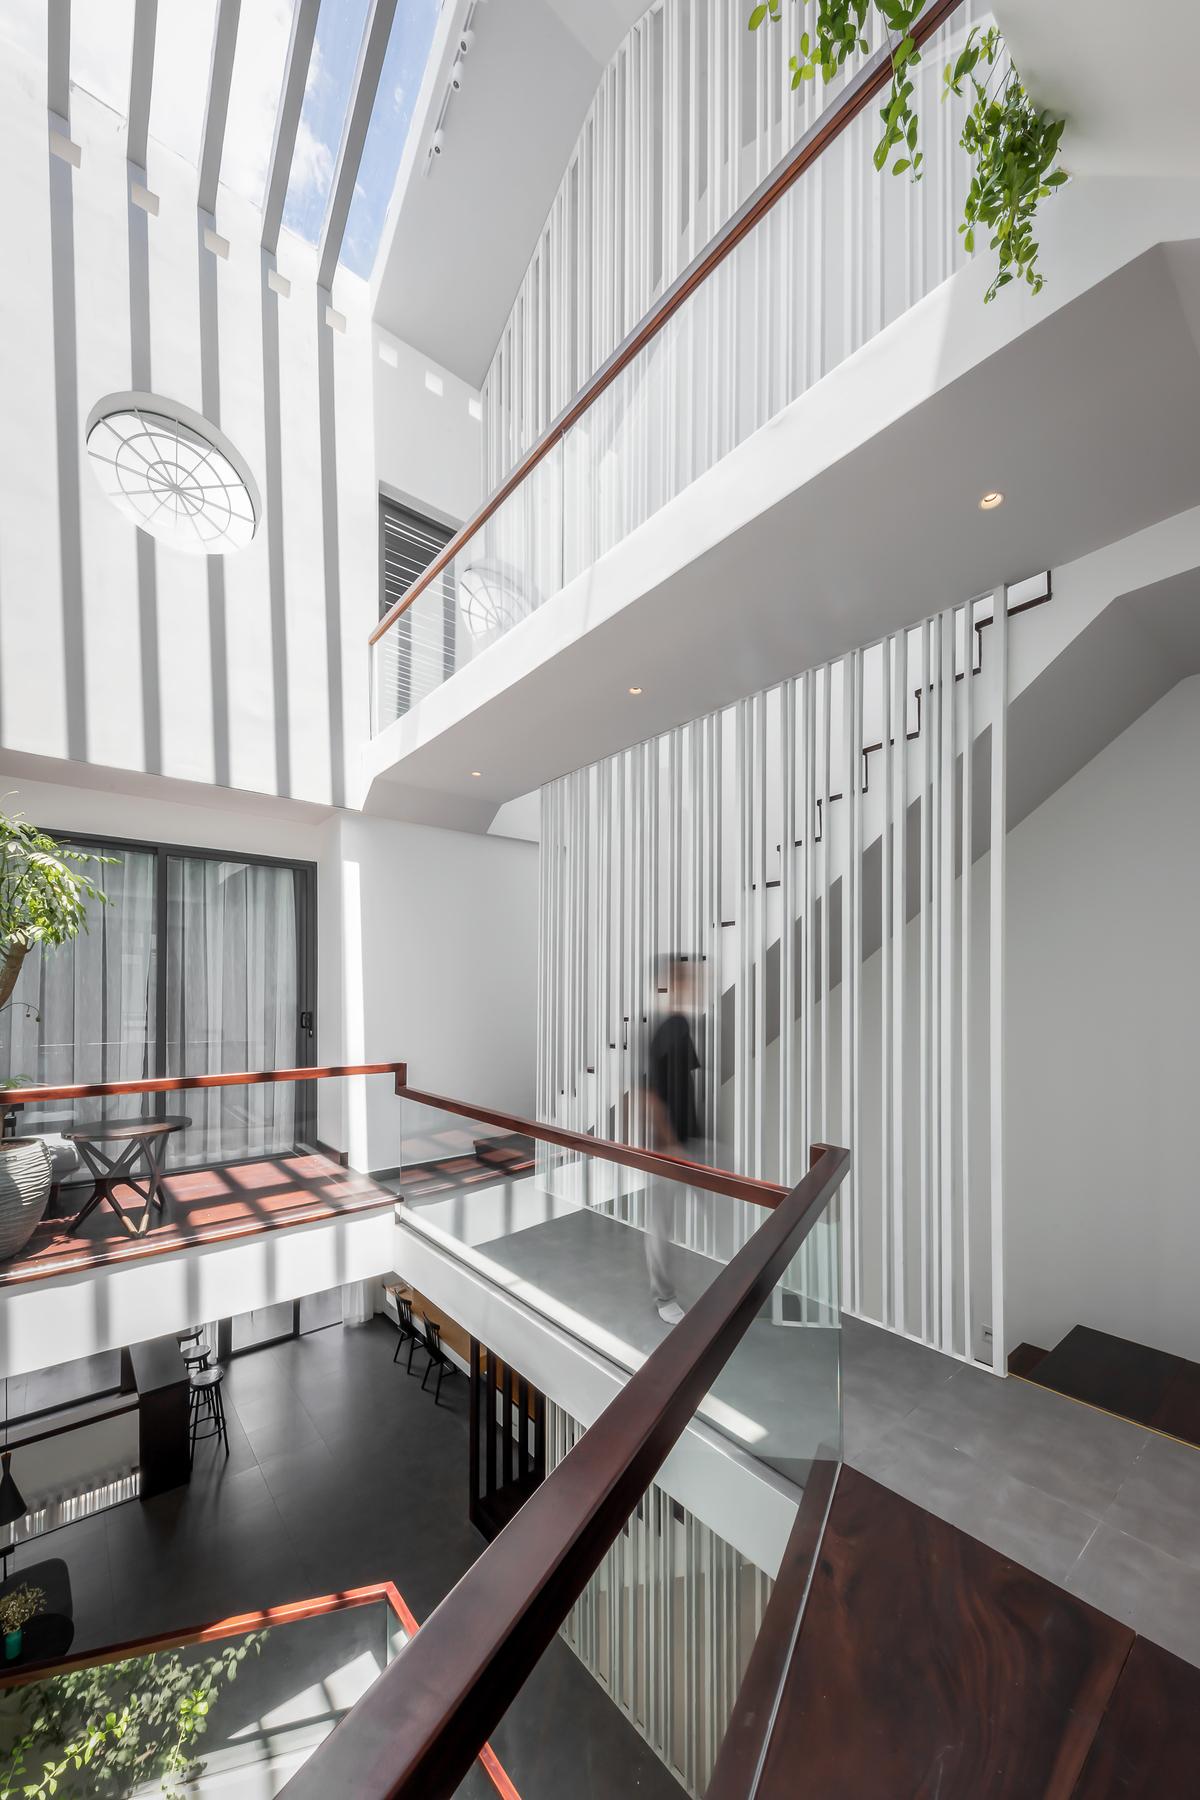 07 - NGỌC House - Chất keo gắn kết gia đình đa hệ  Story Architecture